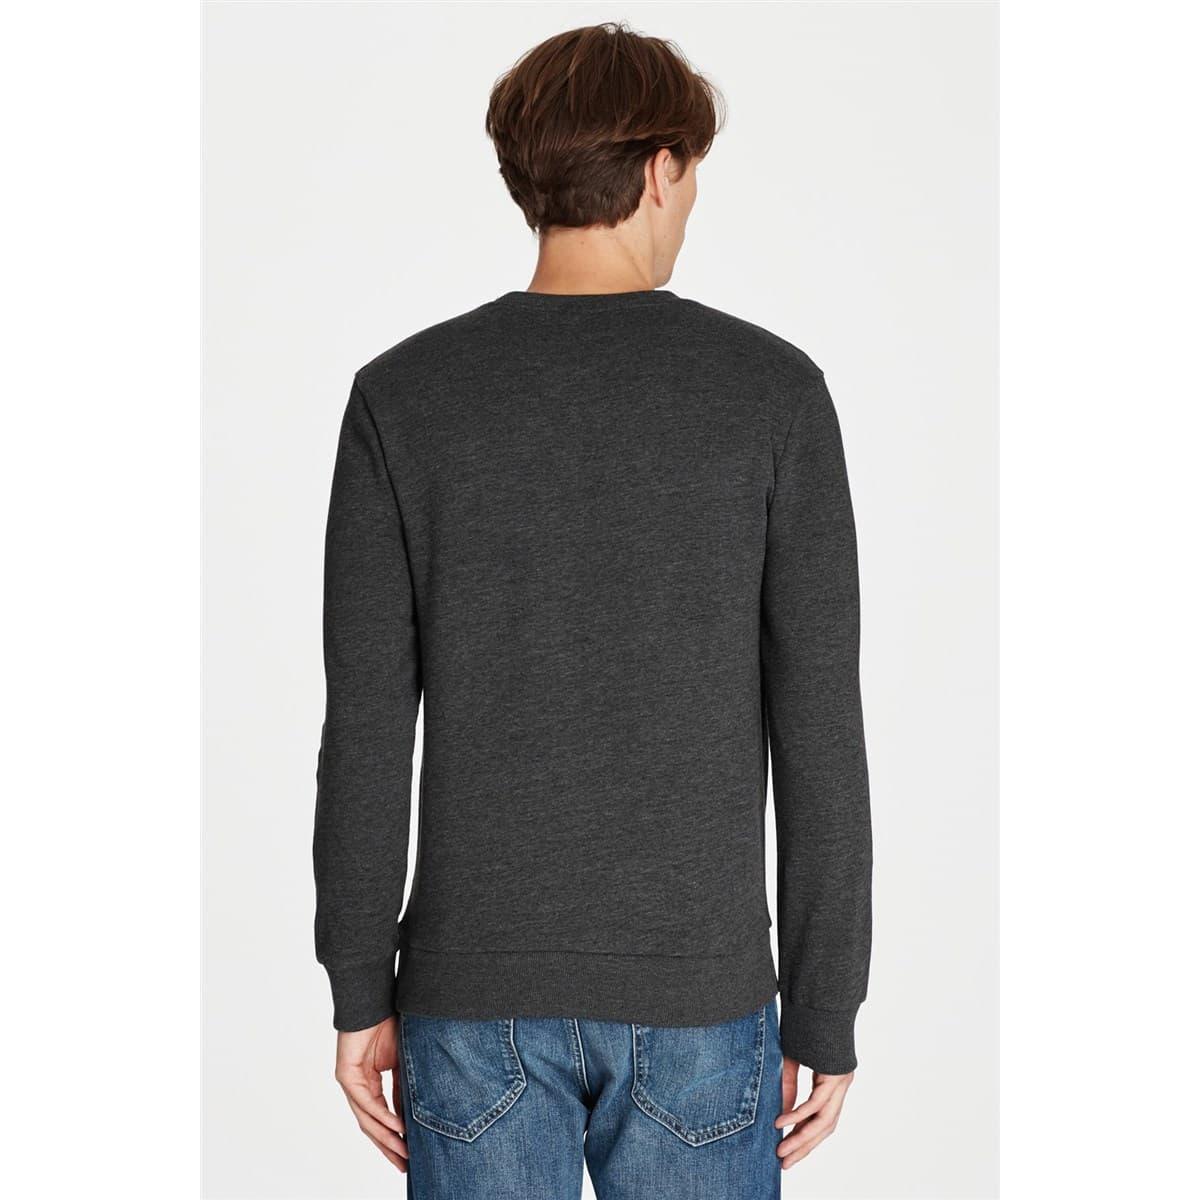 Mavi Jeans Future Baskılı Erkek Gri Sweatshirt